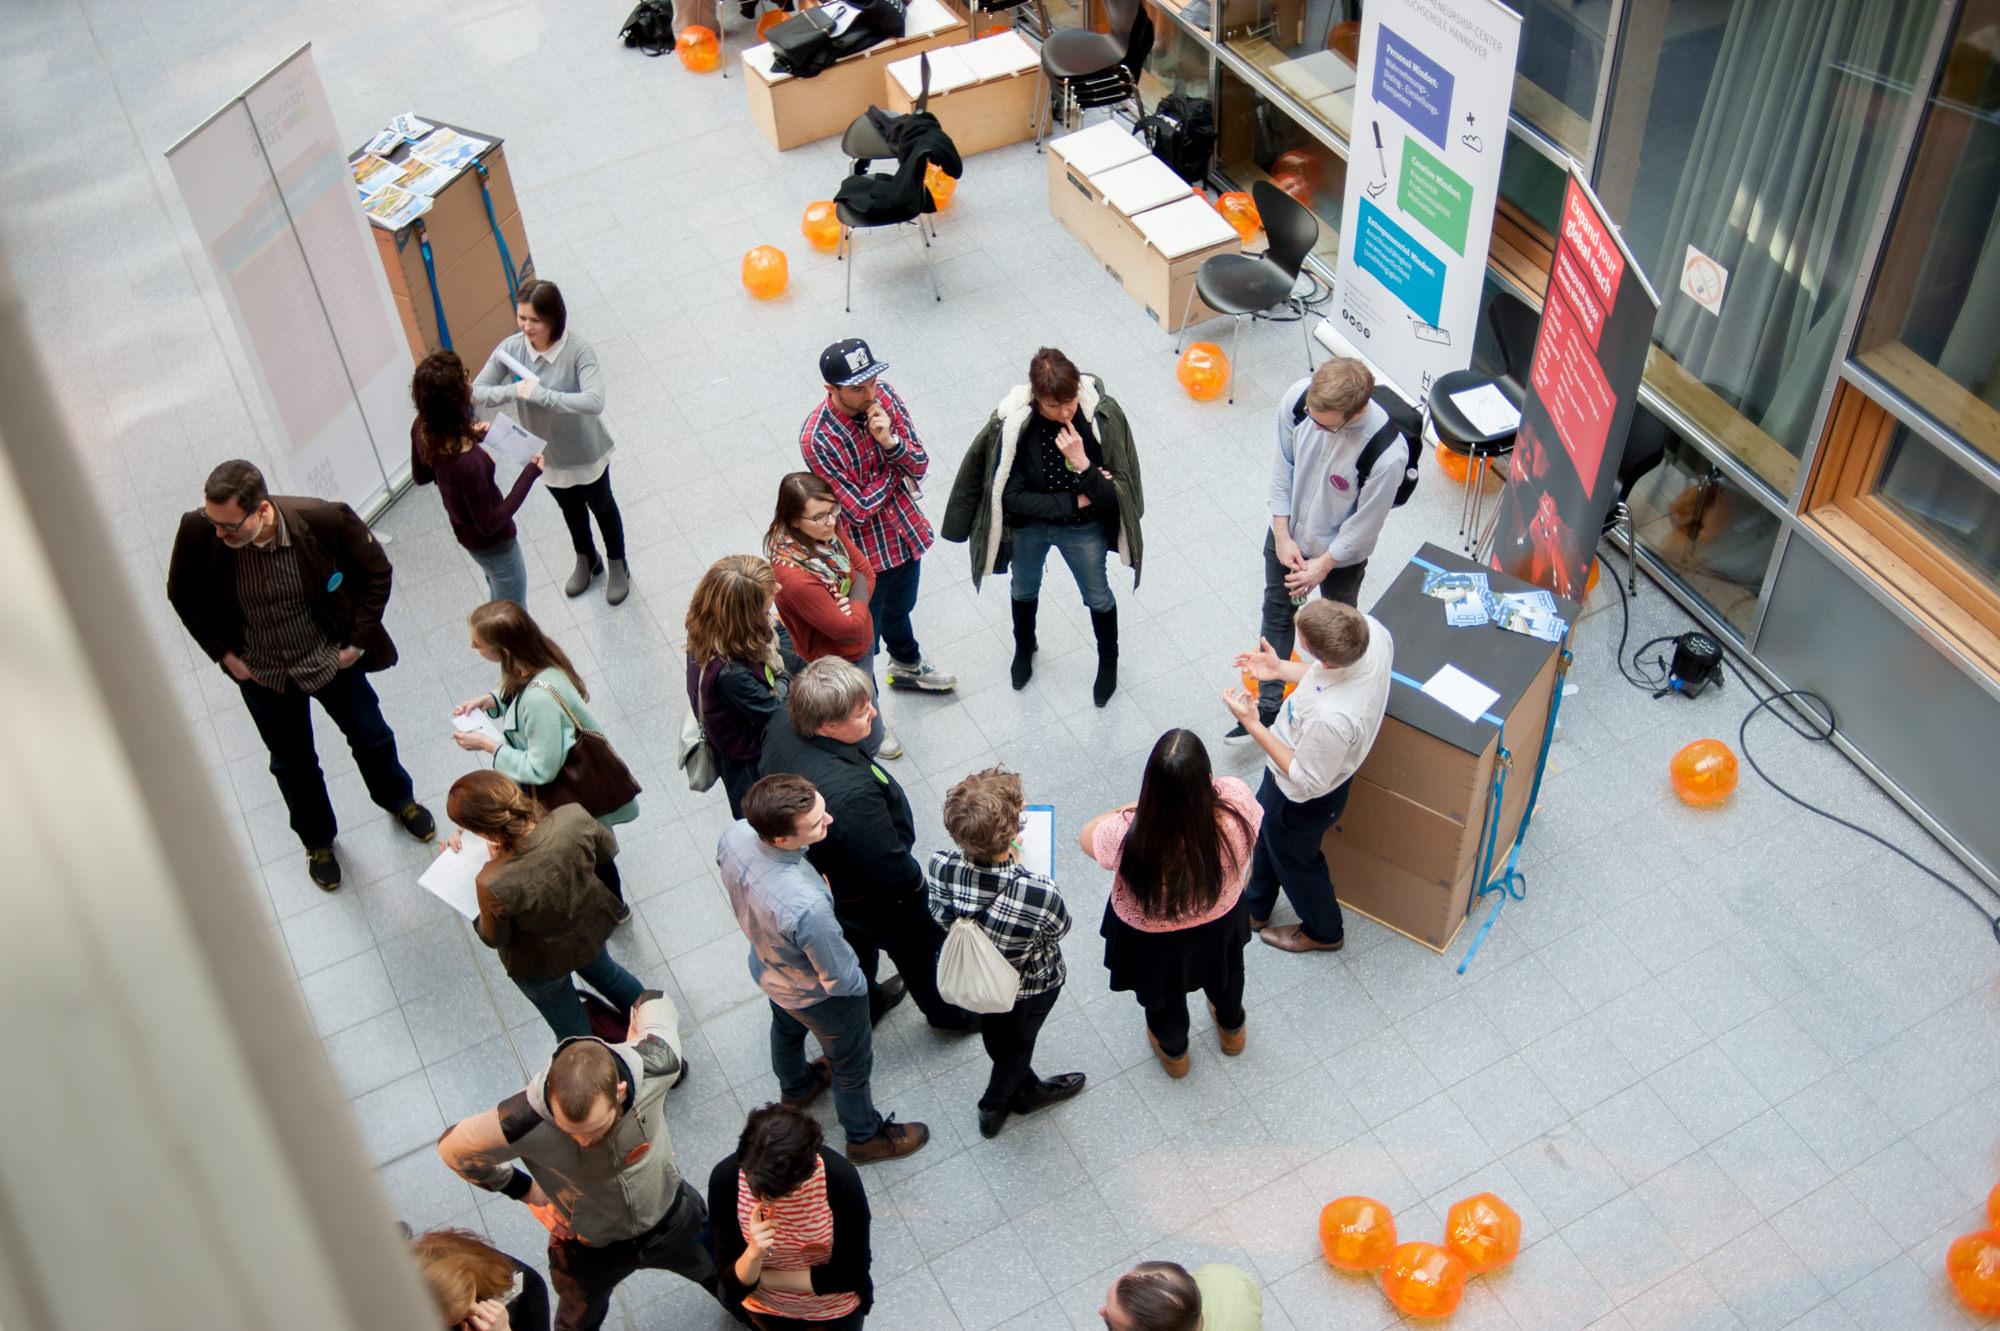 Forschung entwicklung produktdesign for Produktdesign berlin studium